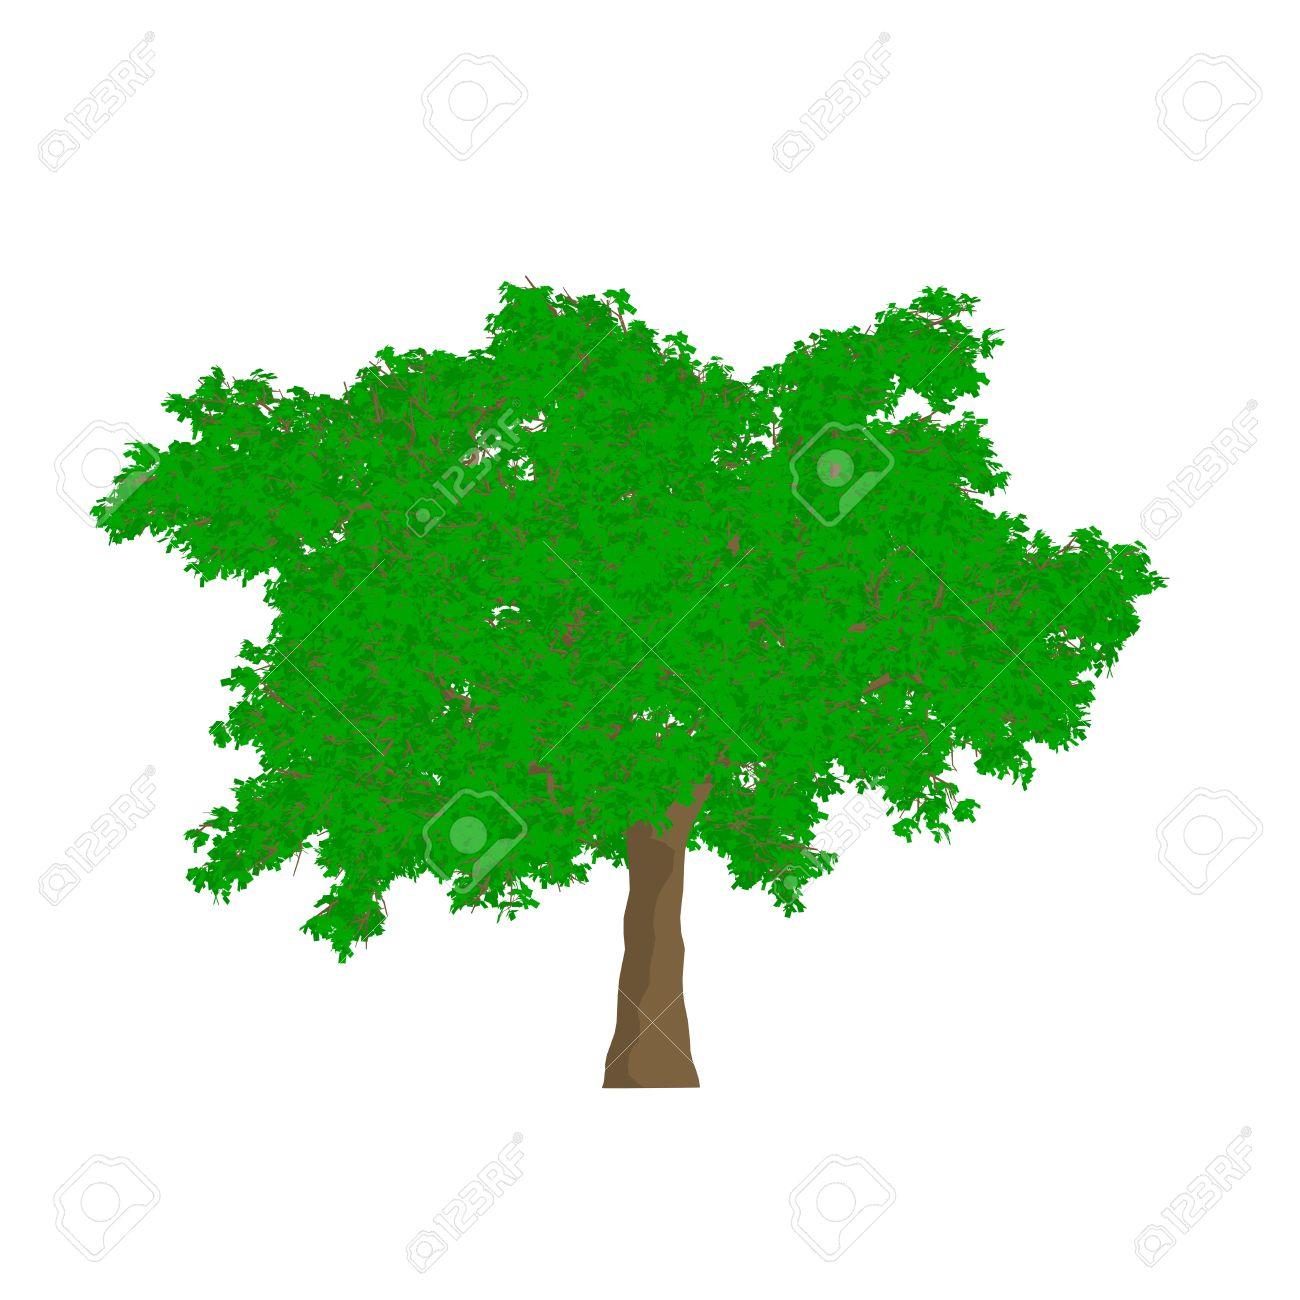 oak tree cartoon shaded isolated in white background stock photo rh 123rf com white oak tree cartoon cartoon oak tree clip art